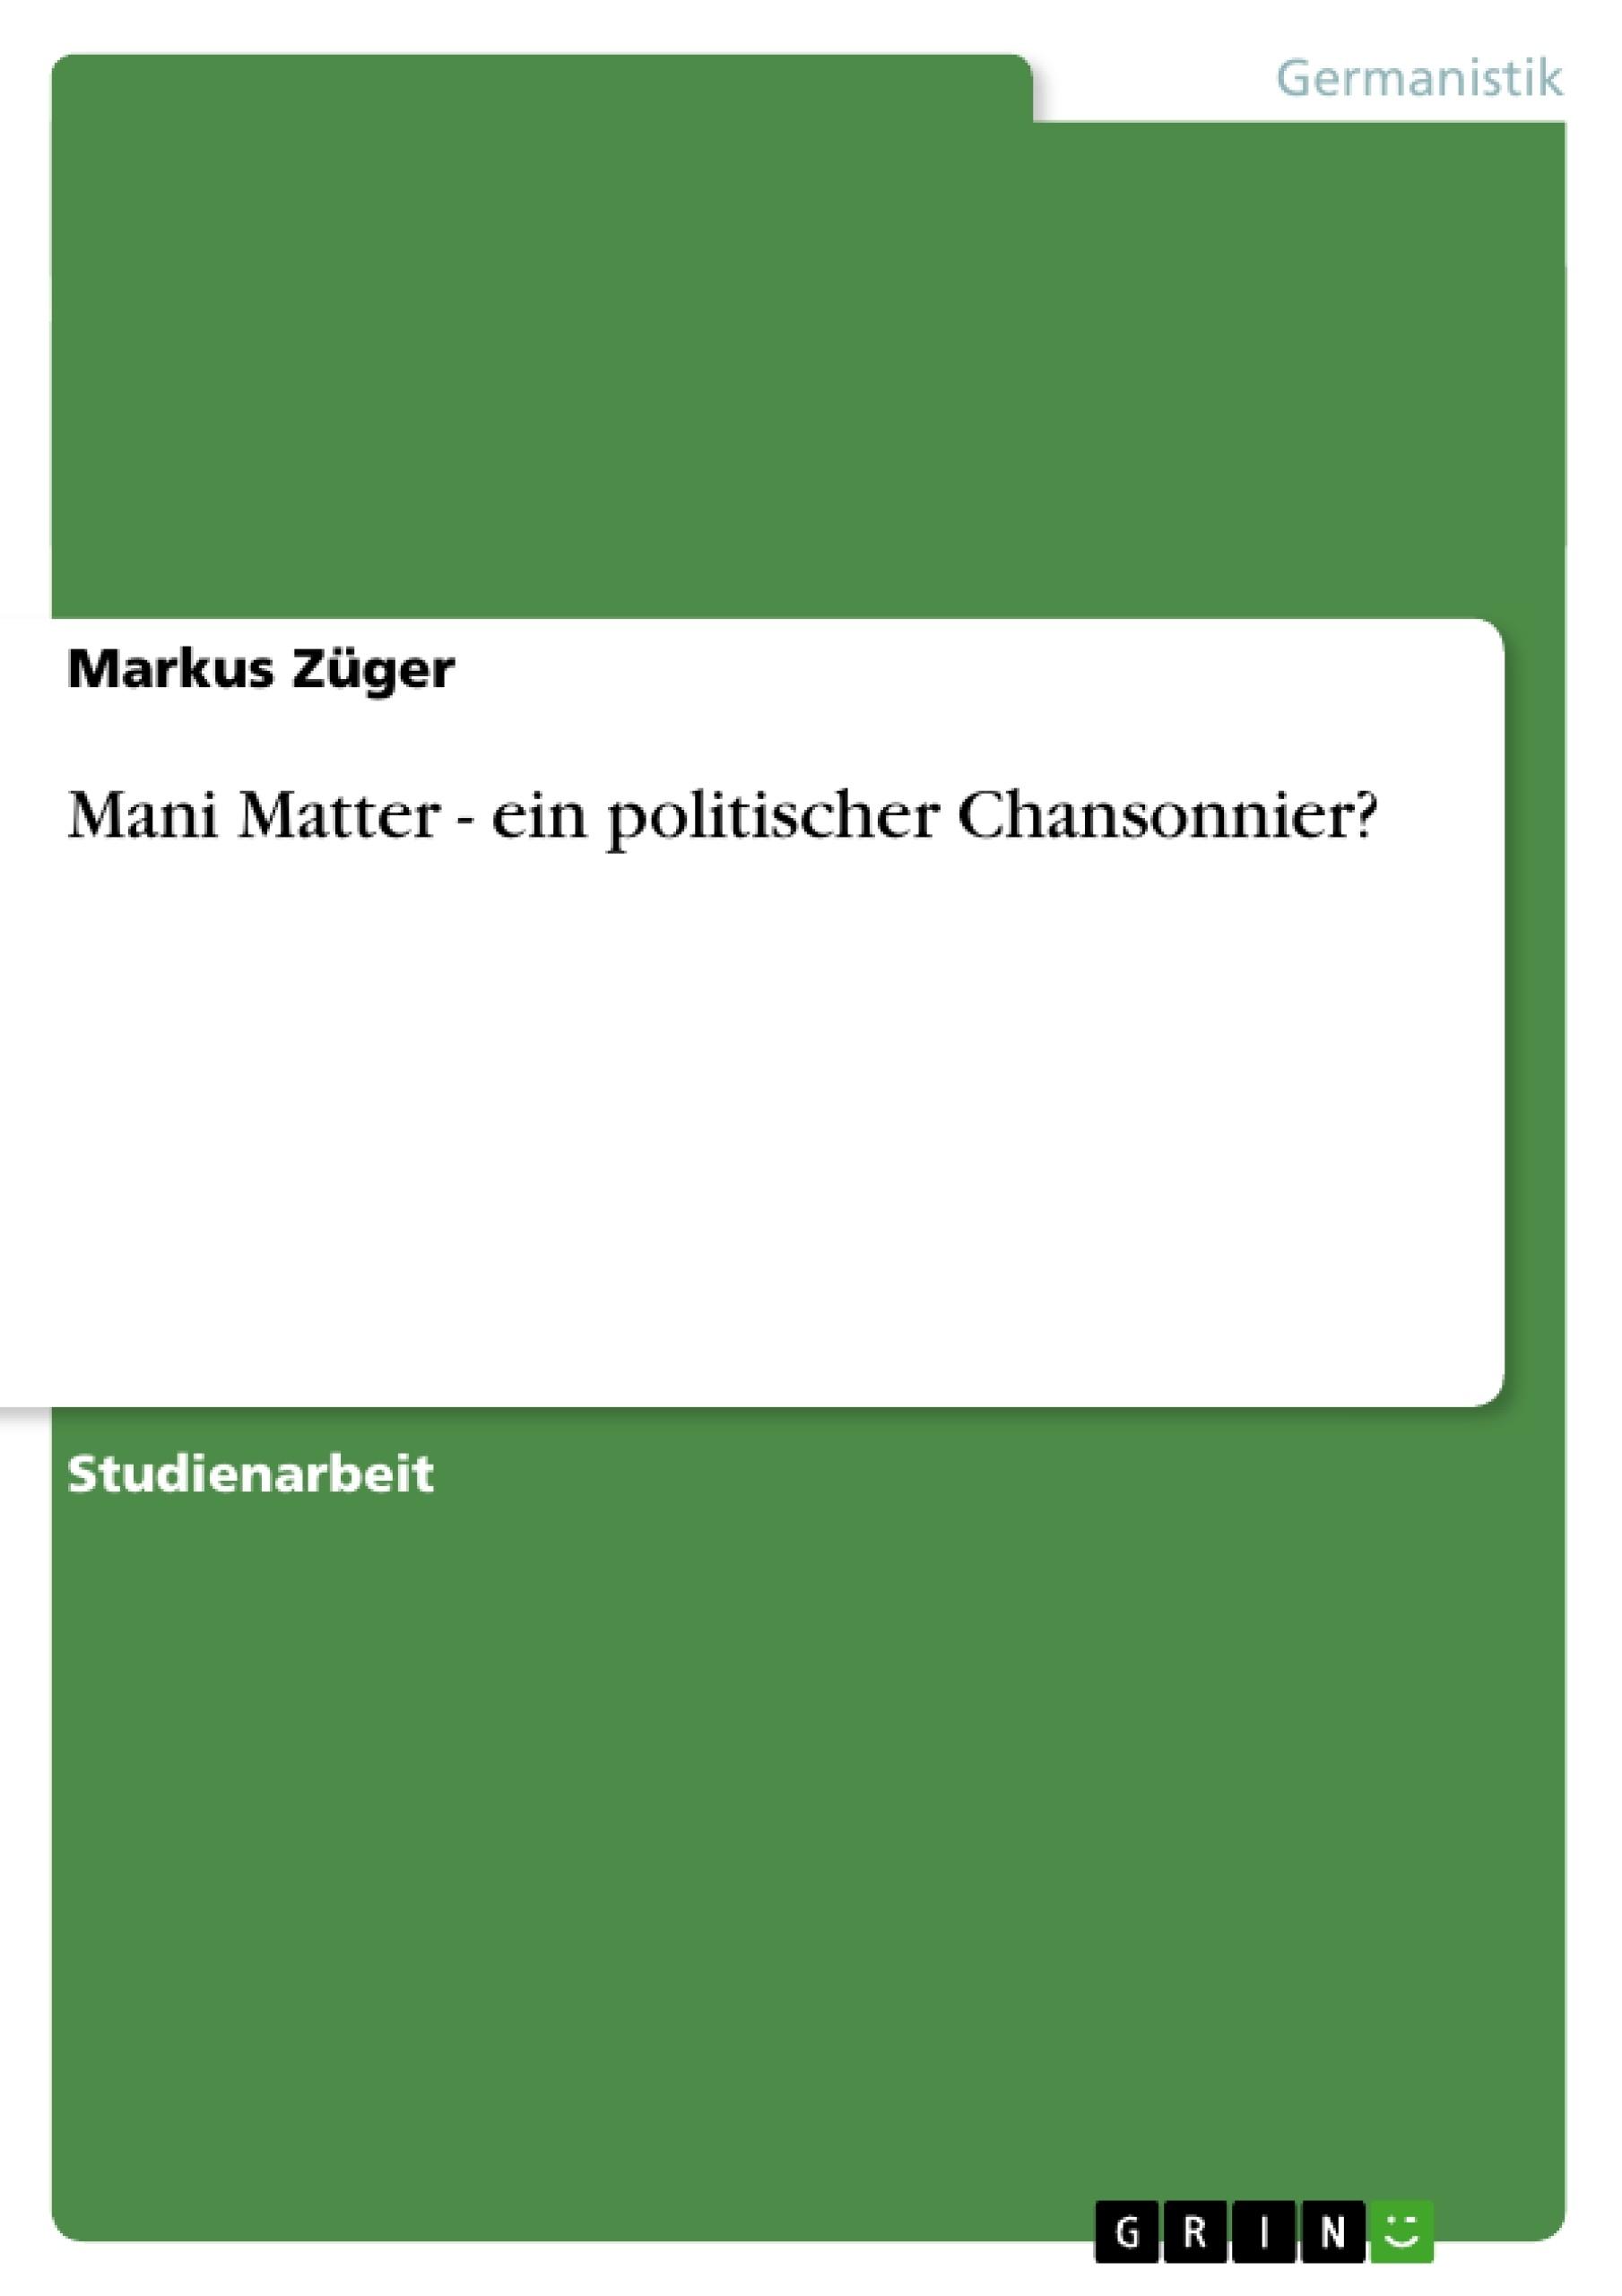 Titel: Mani Matter - ein politischer Chansonnier?